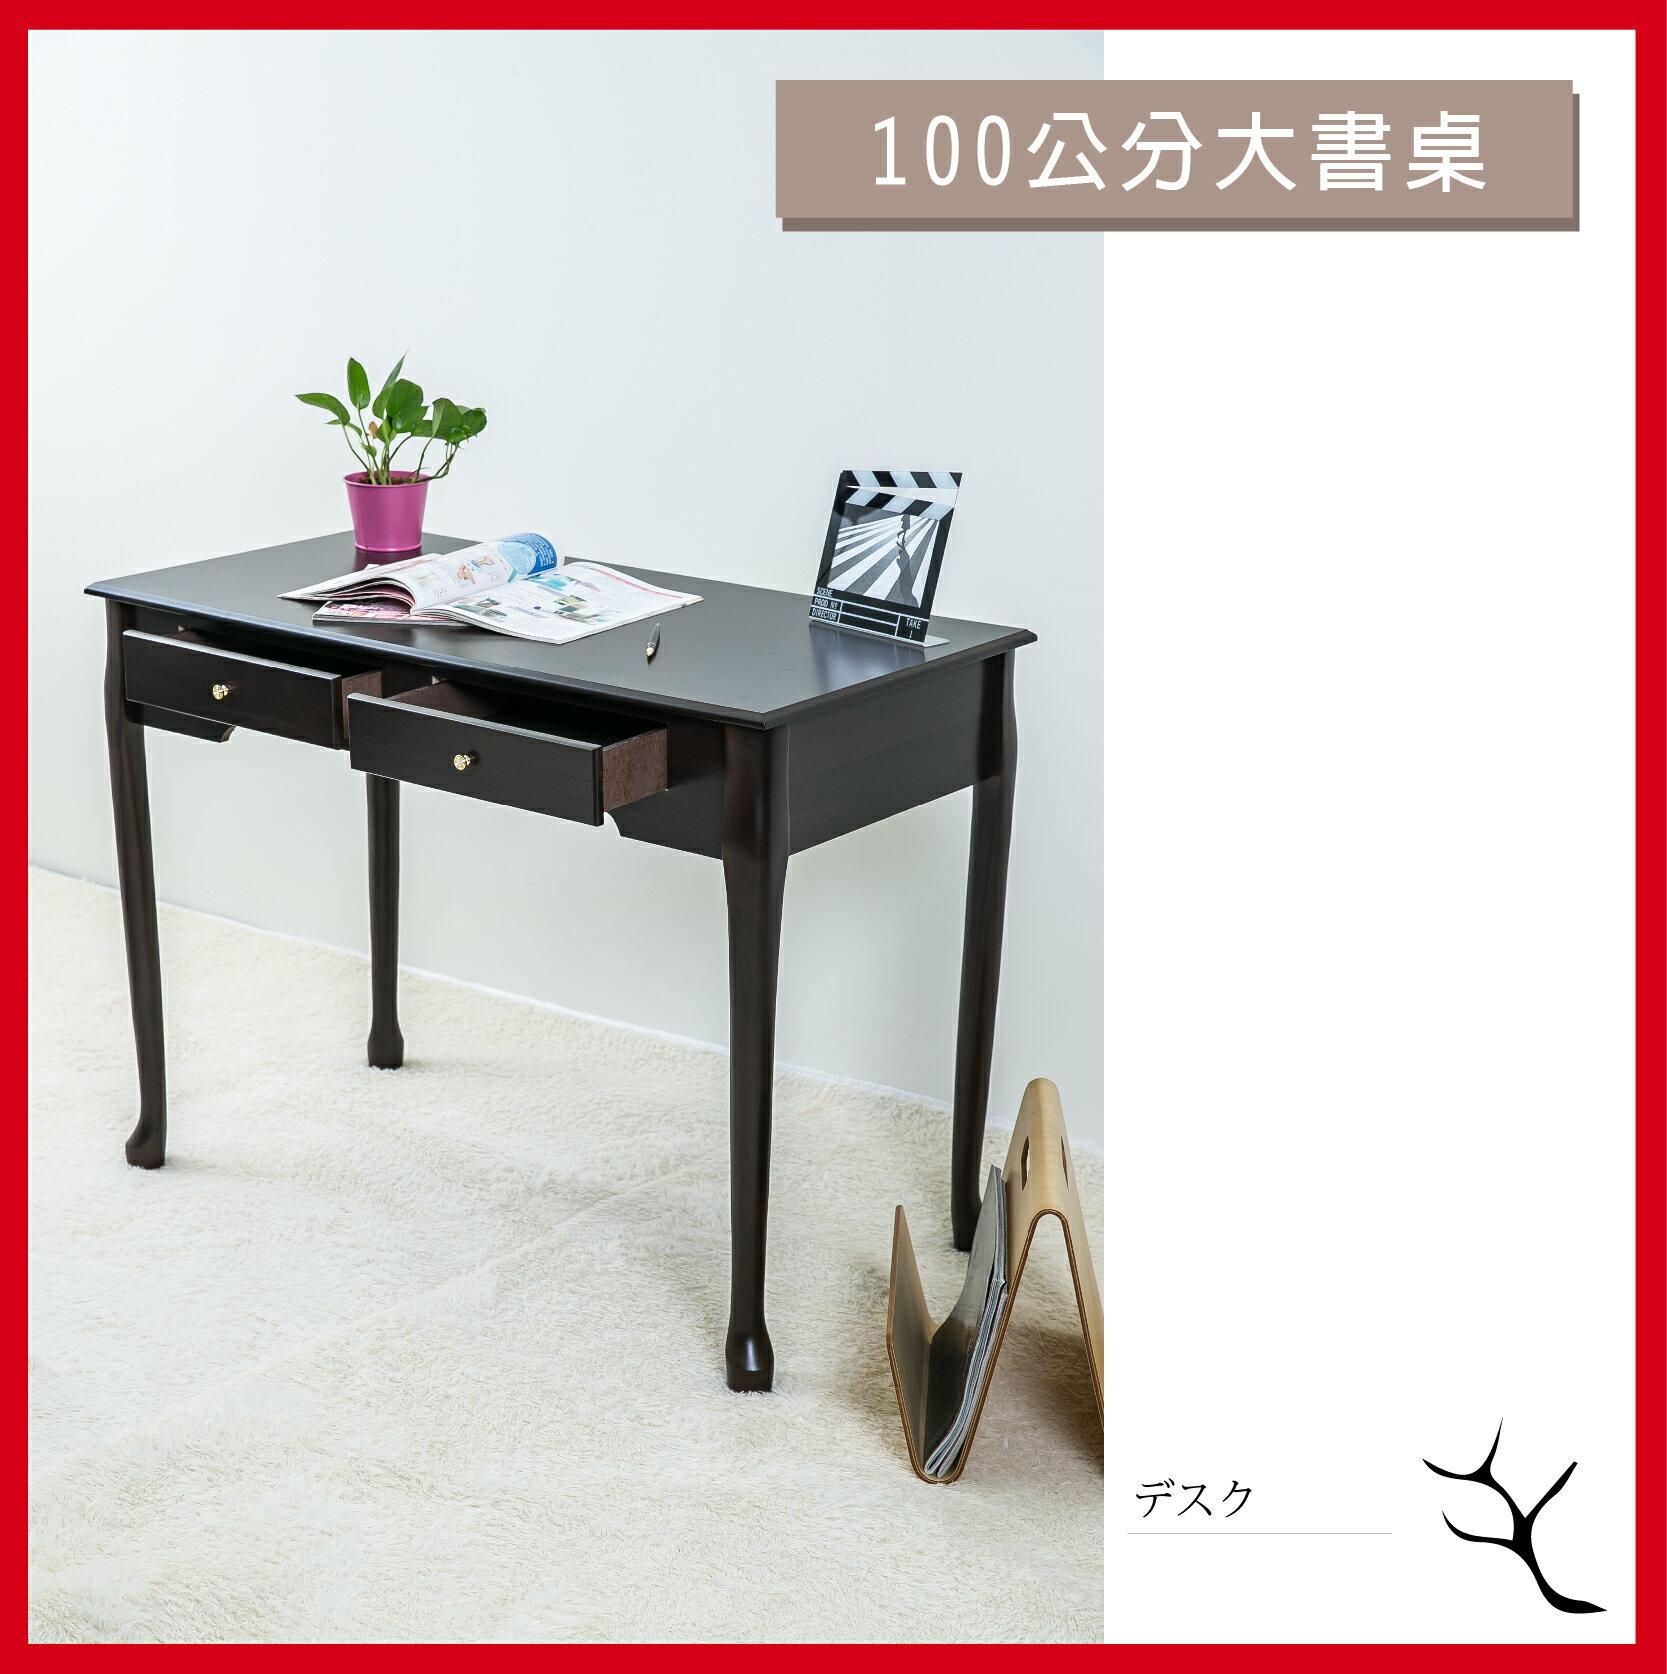 [免運] 歐式經典復古書桌 雙抽書桌 電腦桌 工作桌 邊桌 辦公桌 桌子 書桌椅 電腦桌椅 辦公桌椅 木製大書桌 書桌